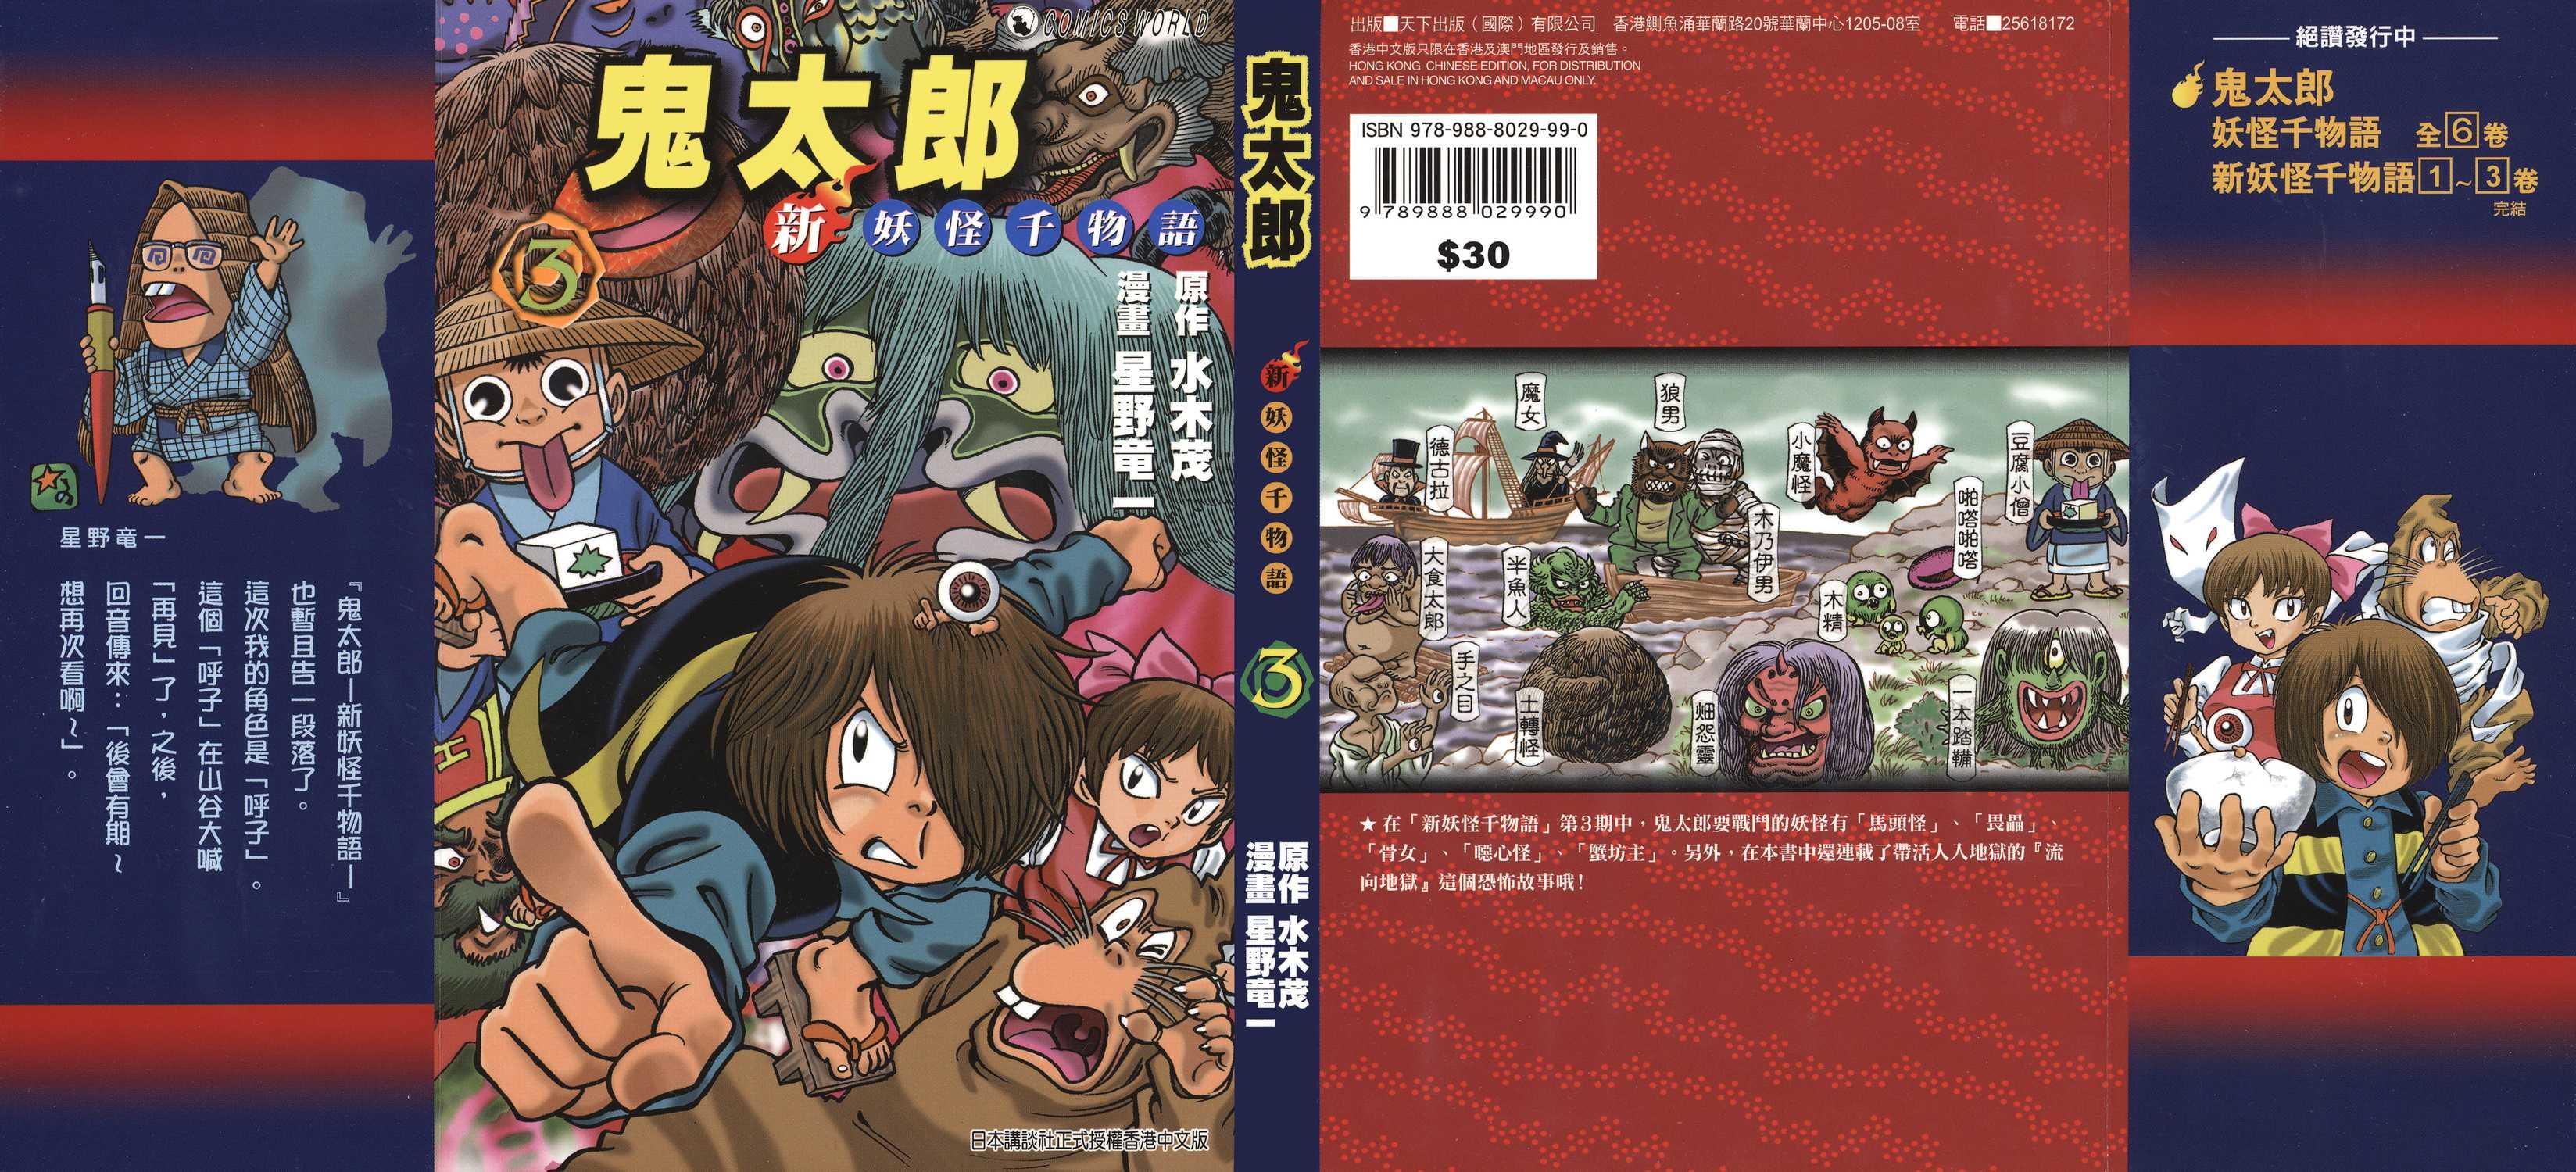 鬼太郎新妖怪千物语漫画单行本第3集第1页 漫画db